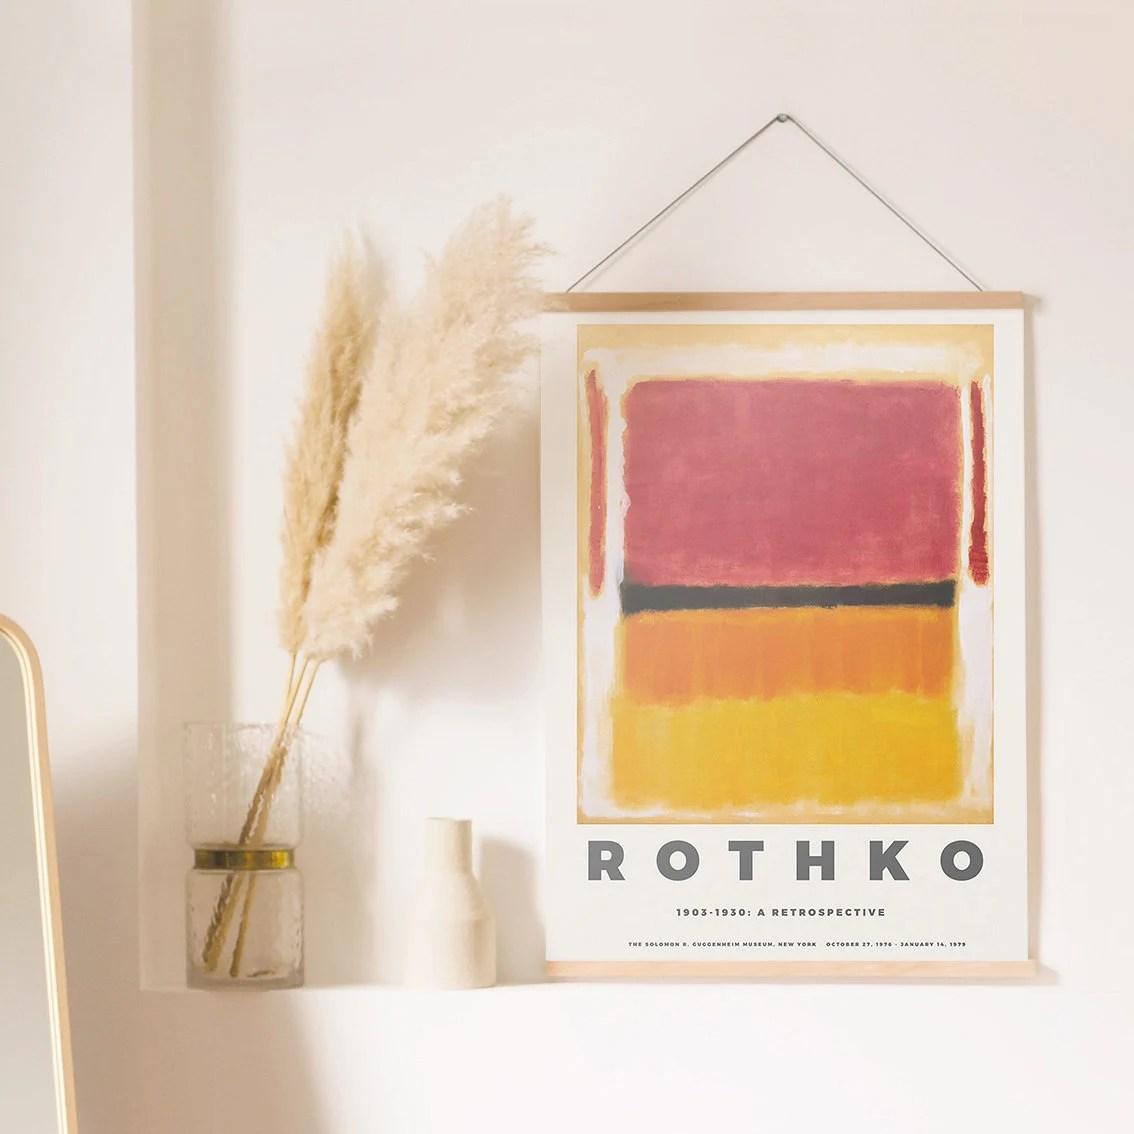 rothko print etsy